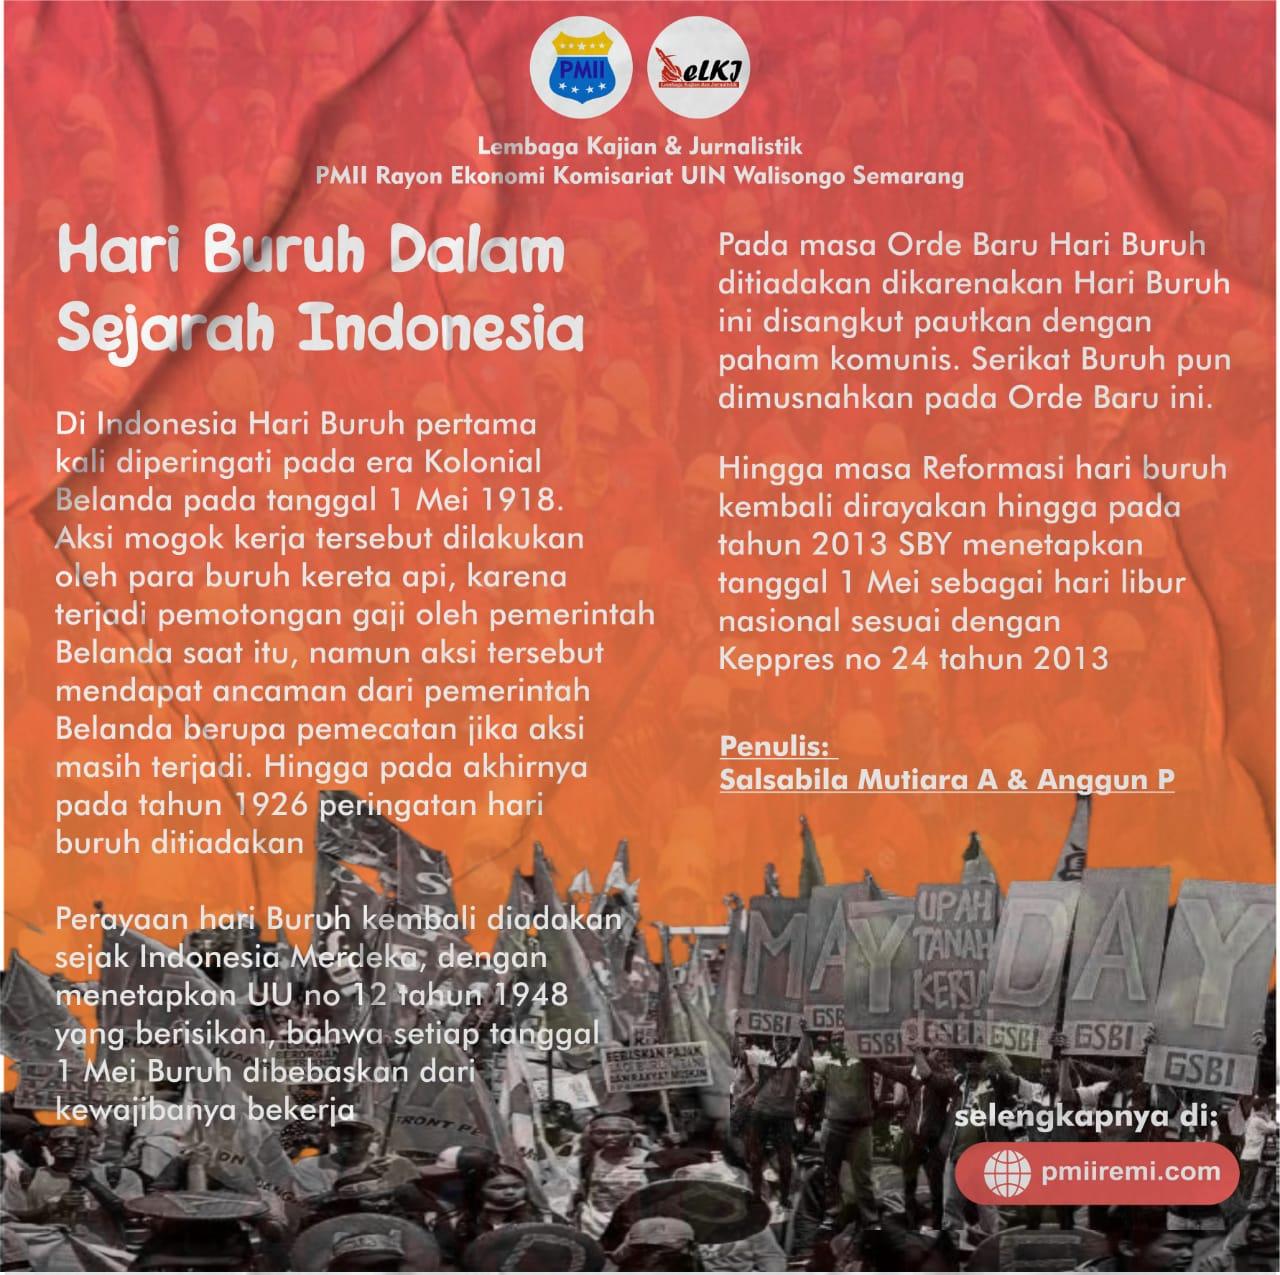 Hari Buruh Dalam Sejarah Indonesia